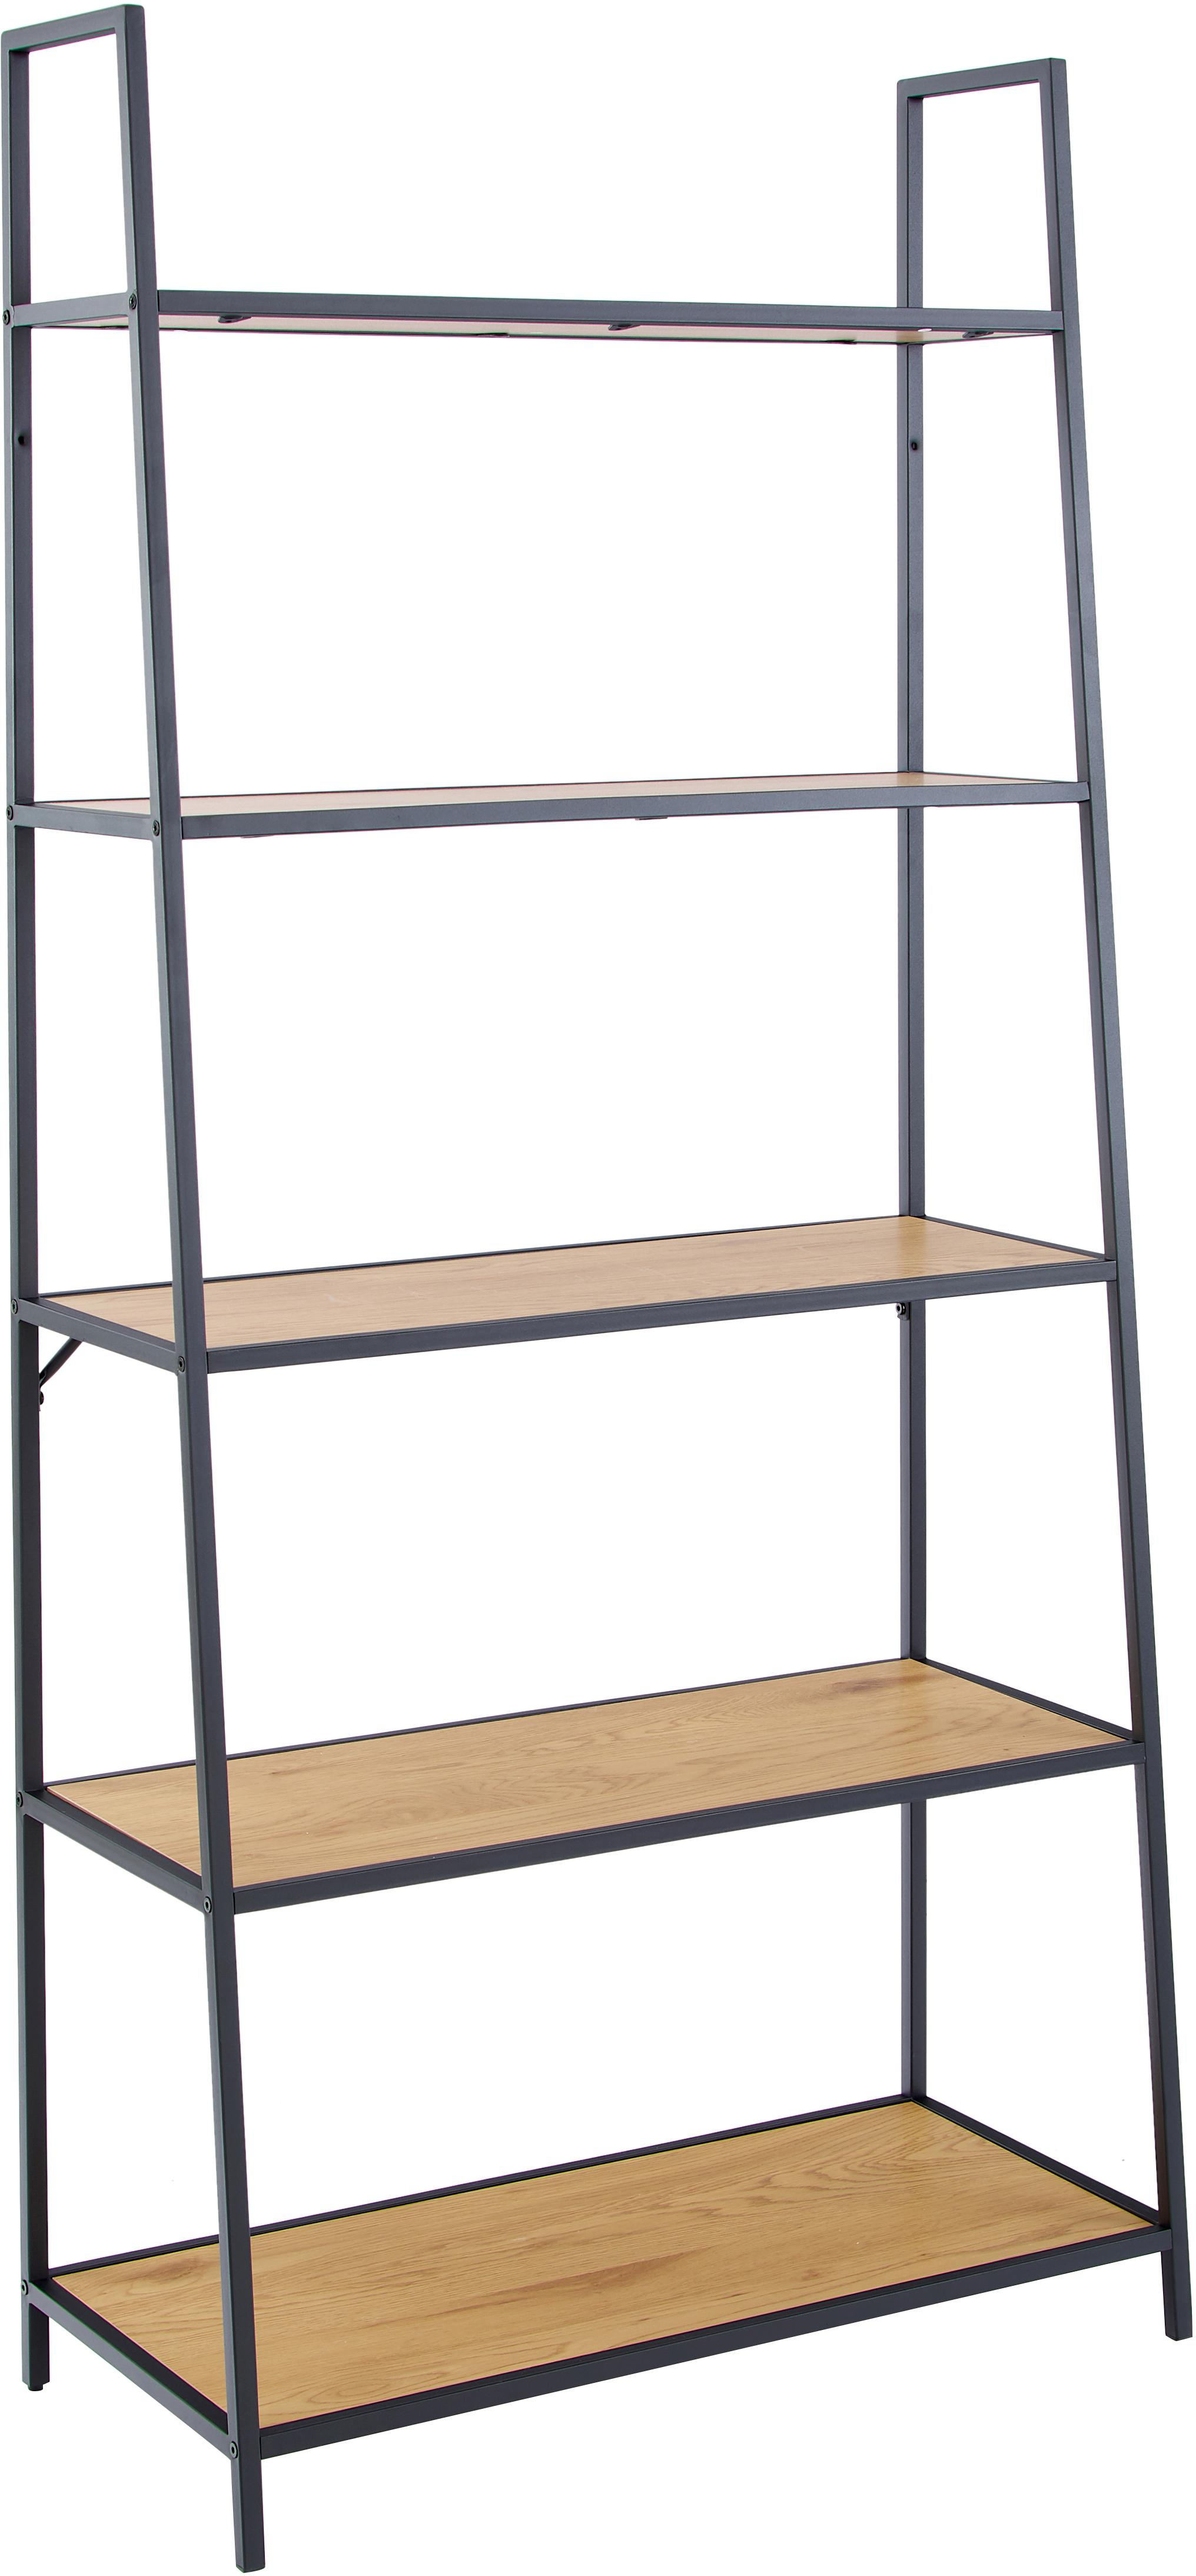 Bücherregal Seaford aus Holz und Metall, Einlegeböden: Mitteldichte Holzfaserpla, Gestell: Metall, pulverbeschichtet, Schwarz, 77 x 175 cm